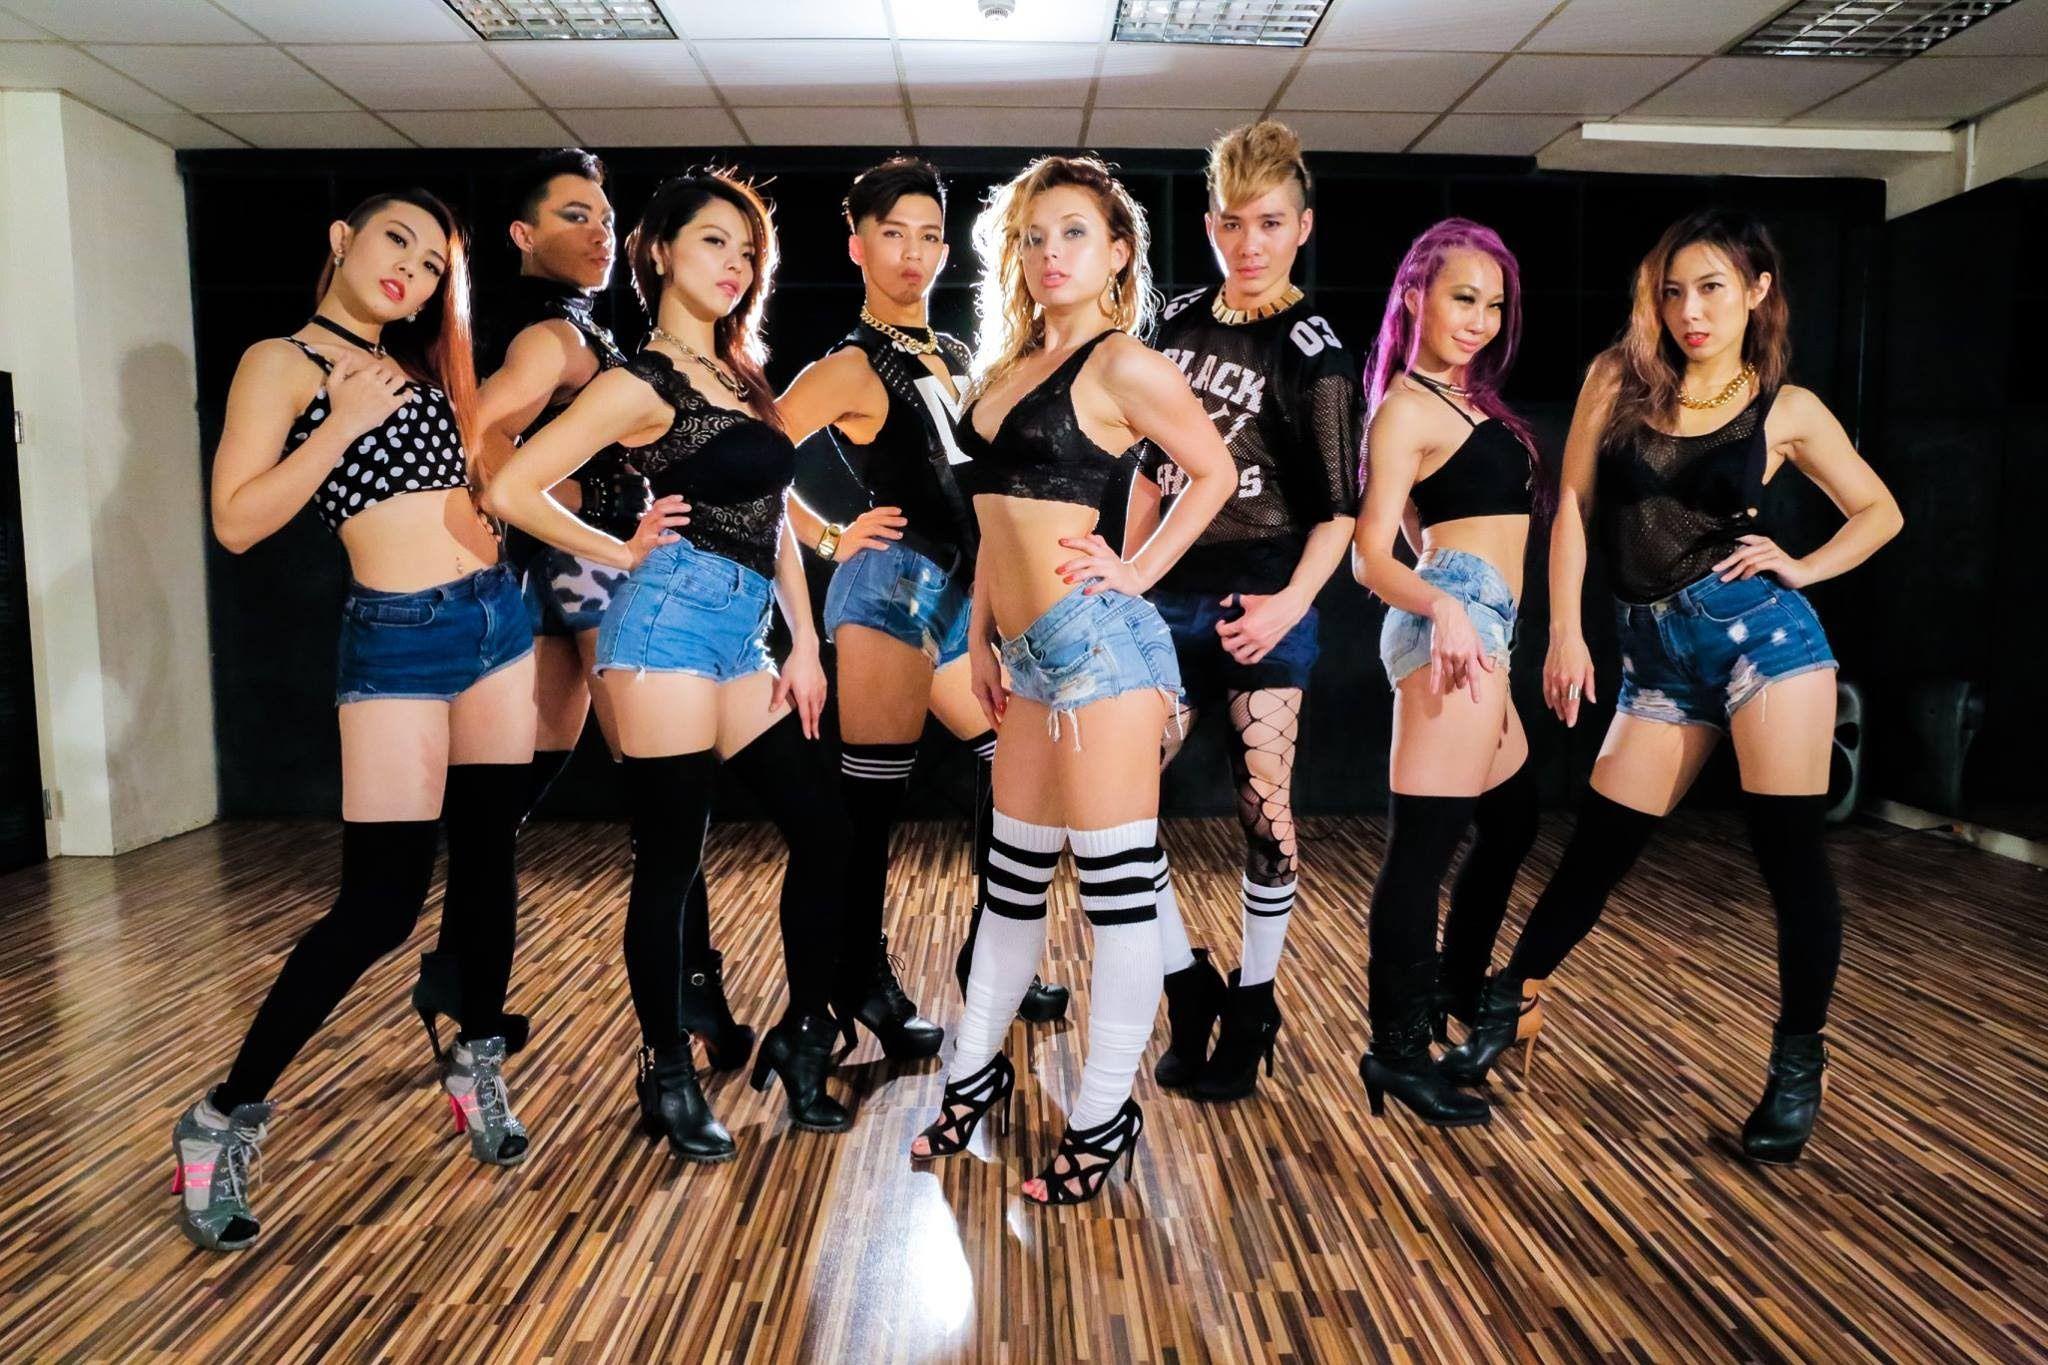 Dance team ass pics